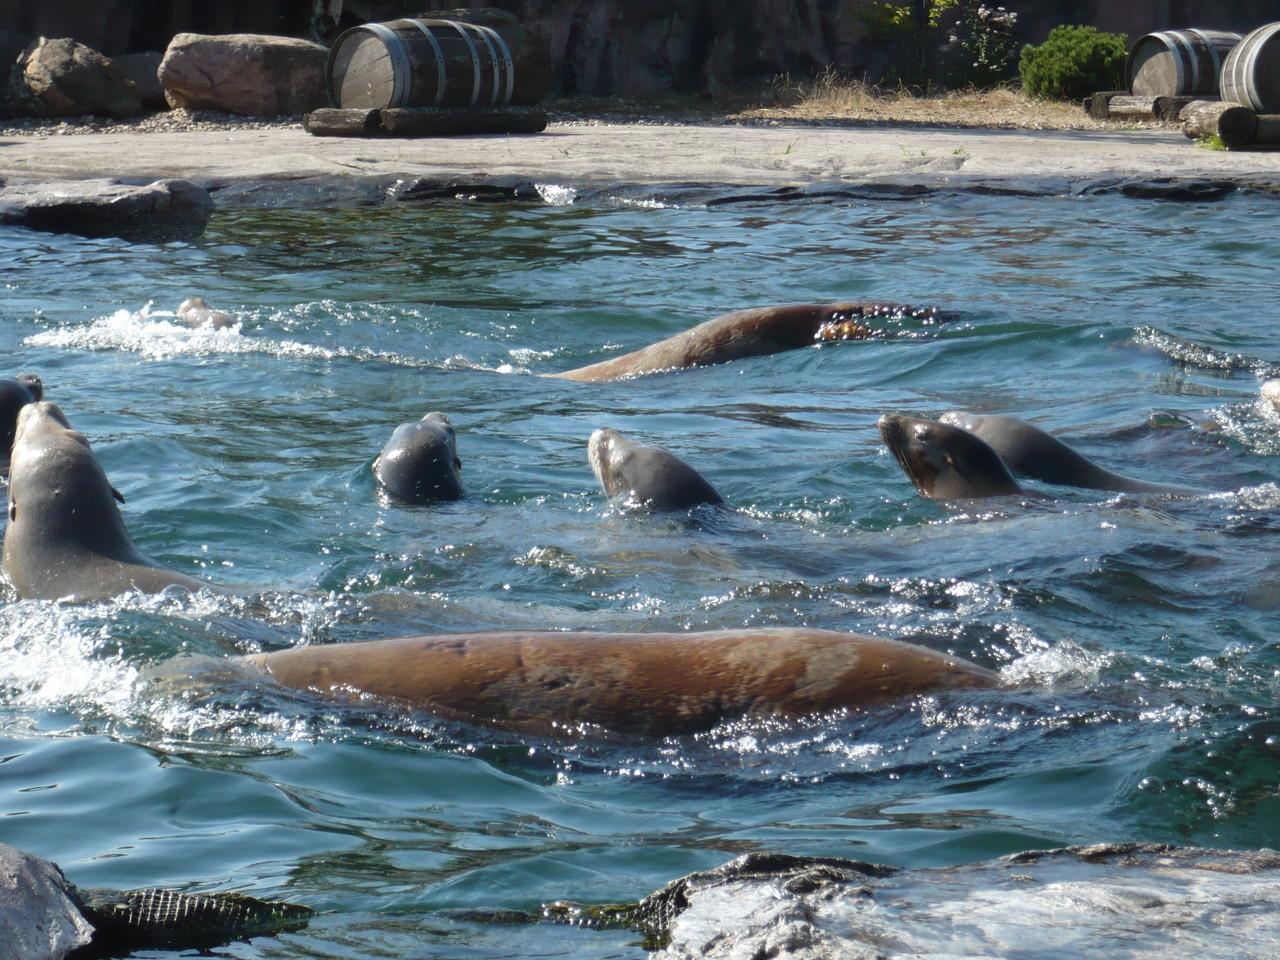 Seerobben im Wasser